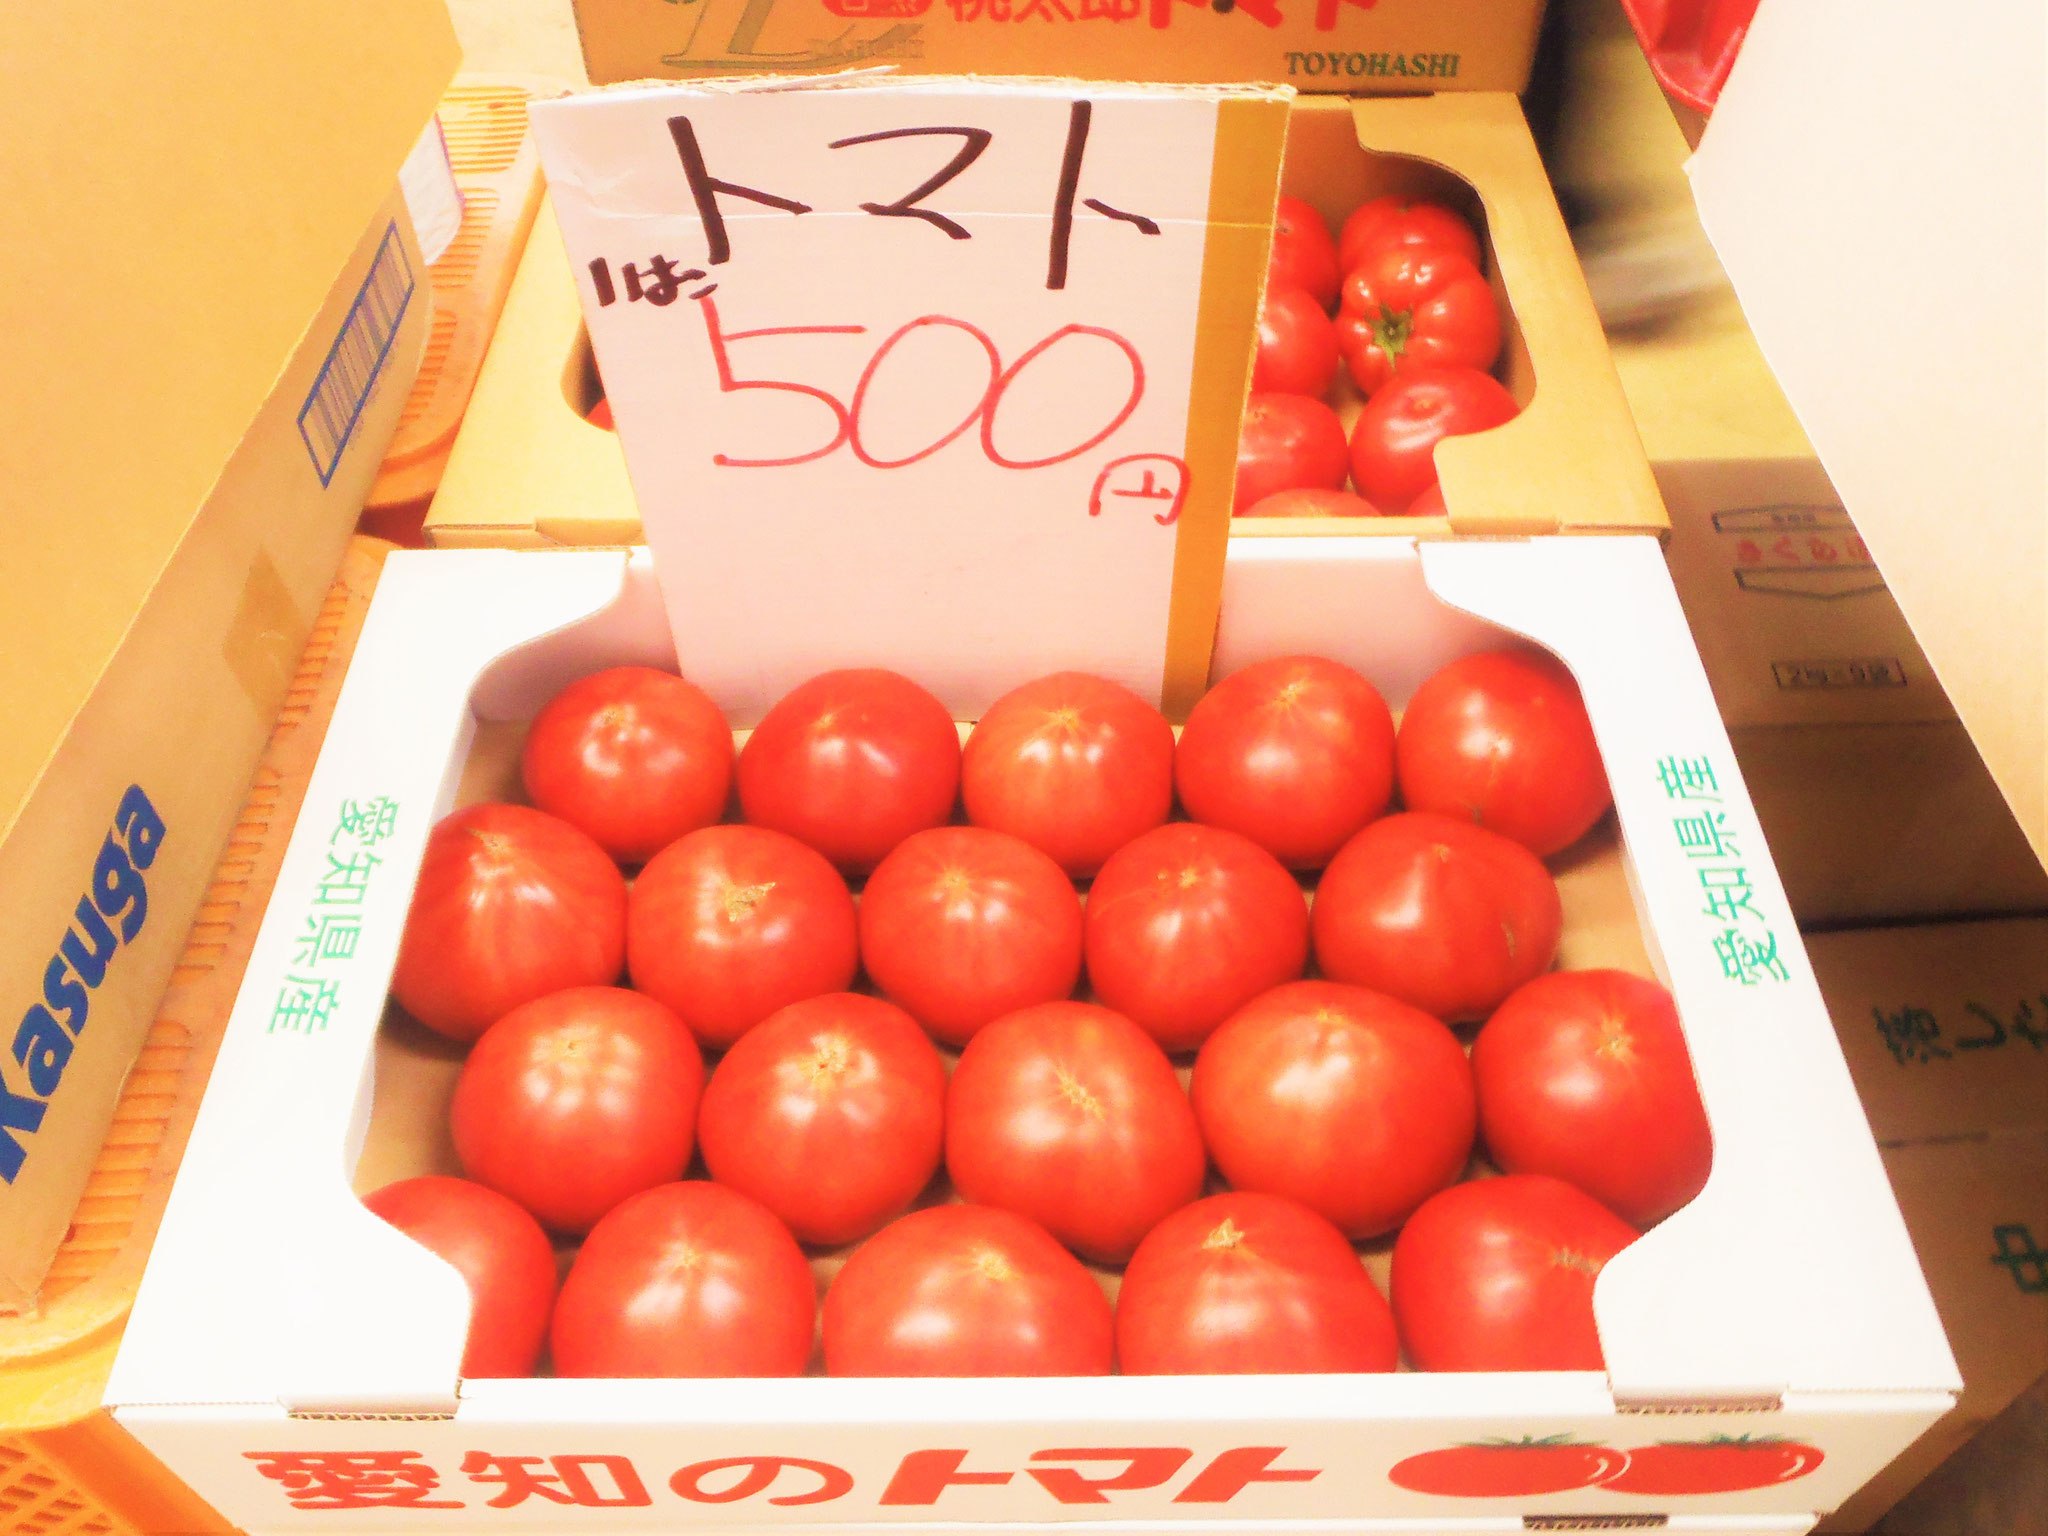 トマト1ケース税込み500円!などなど